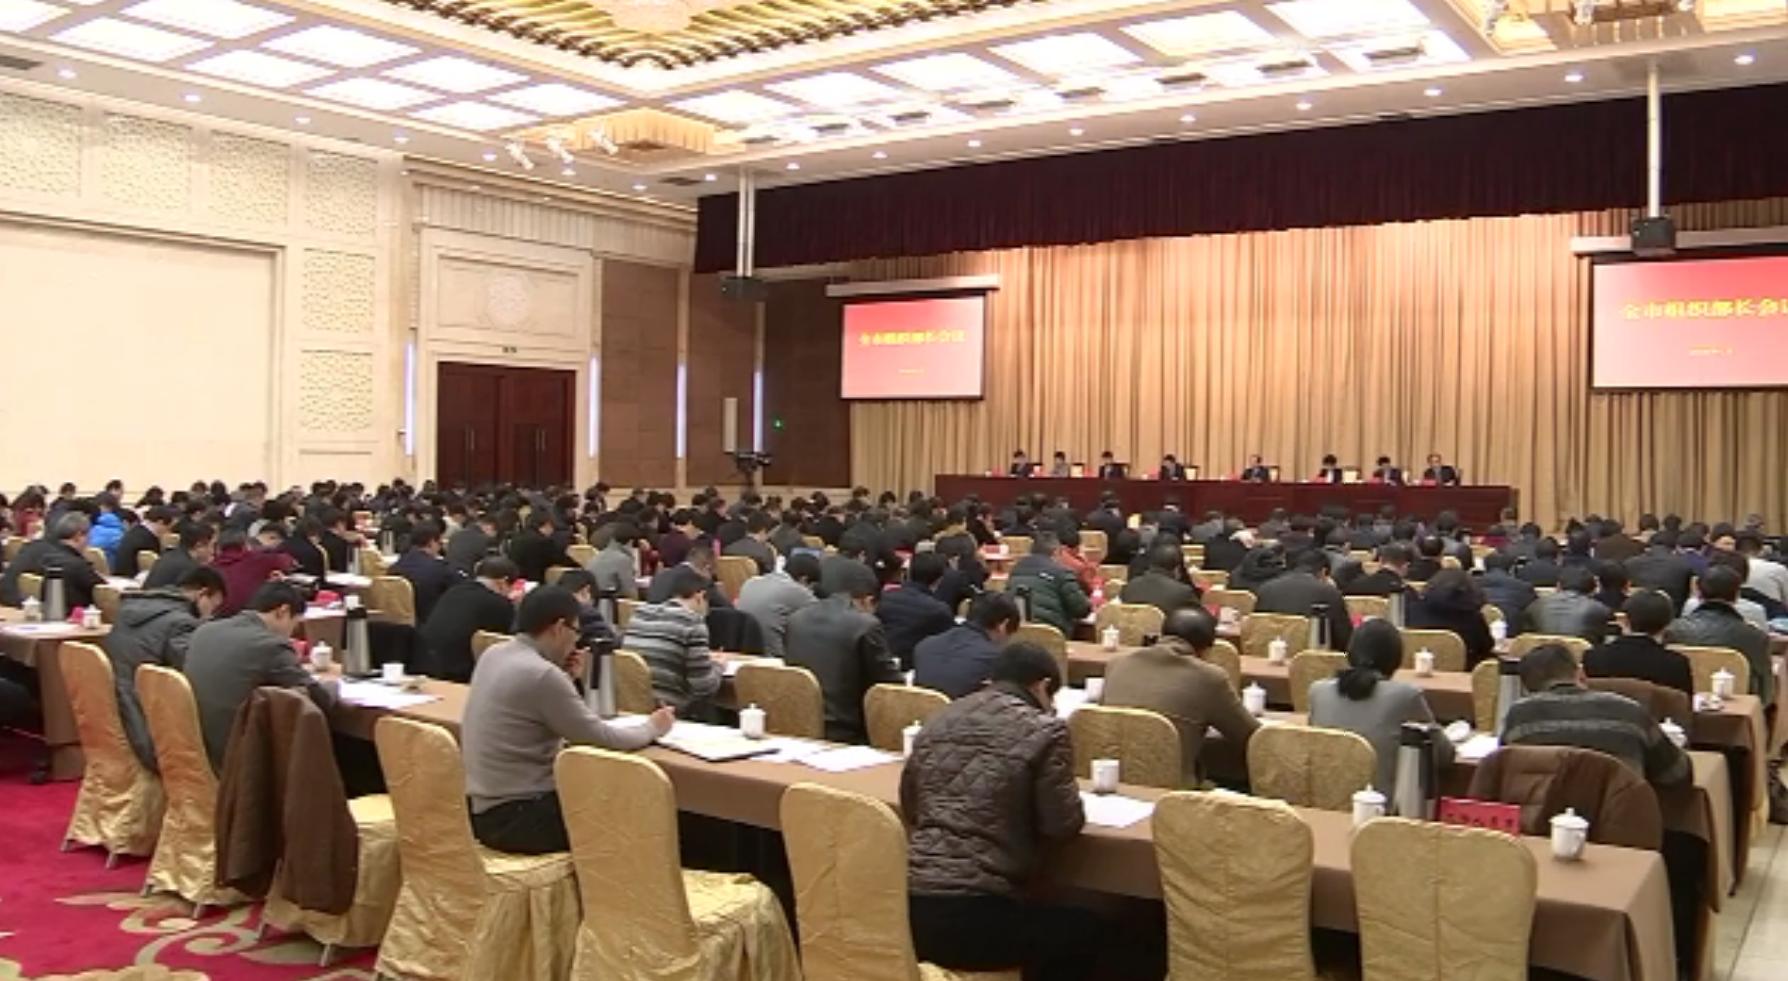 回顾总结去年工作 全市组织部长会议举行